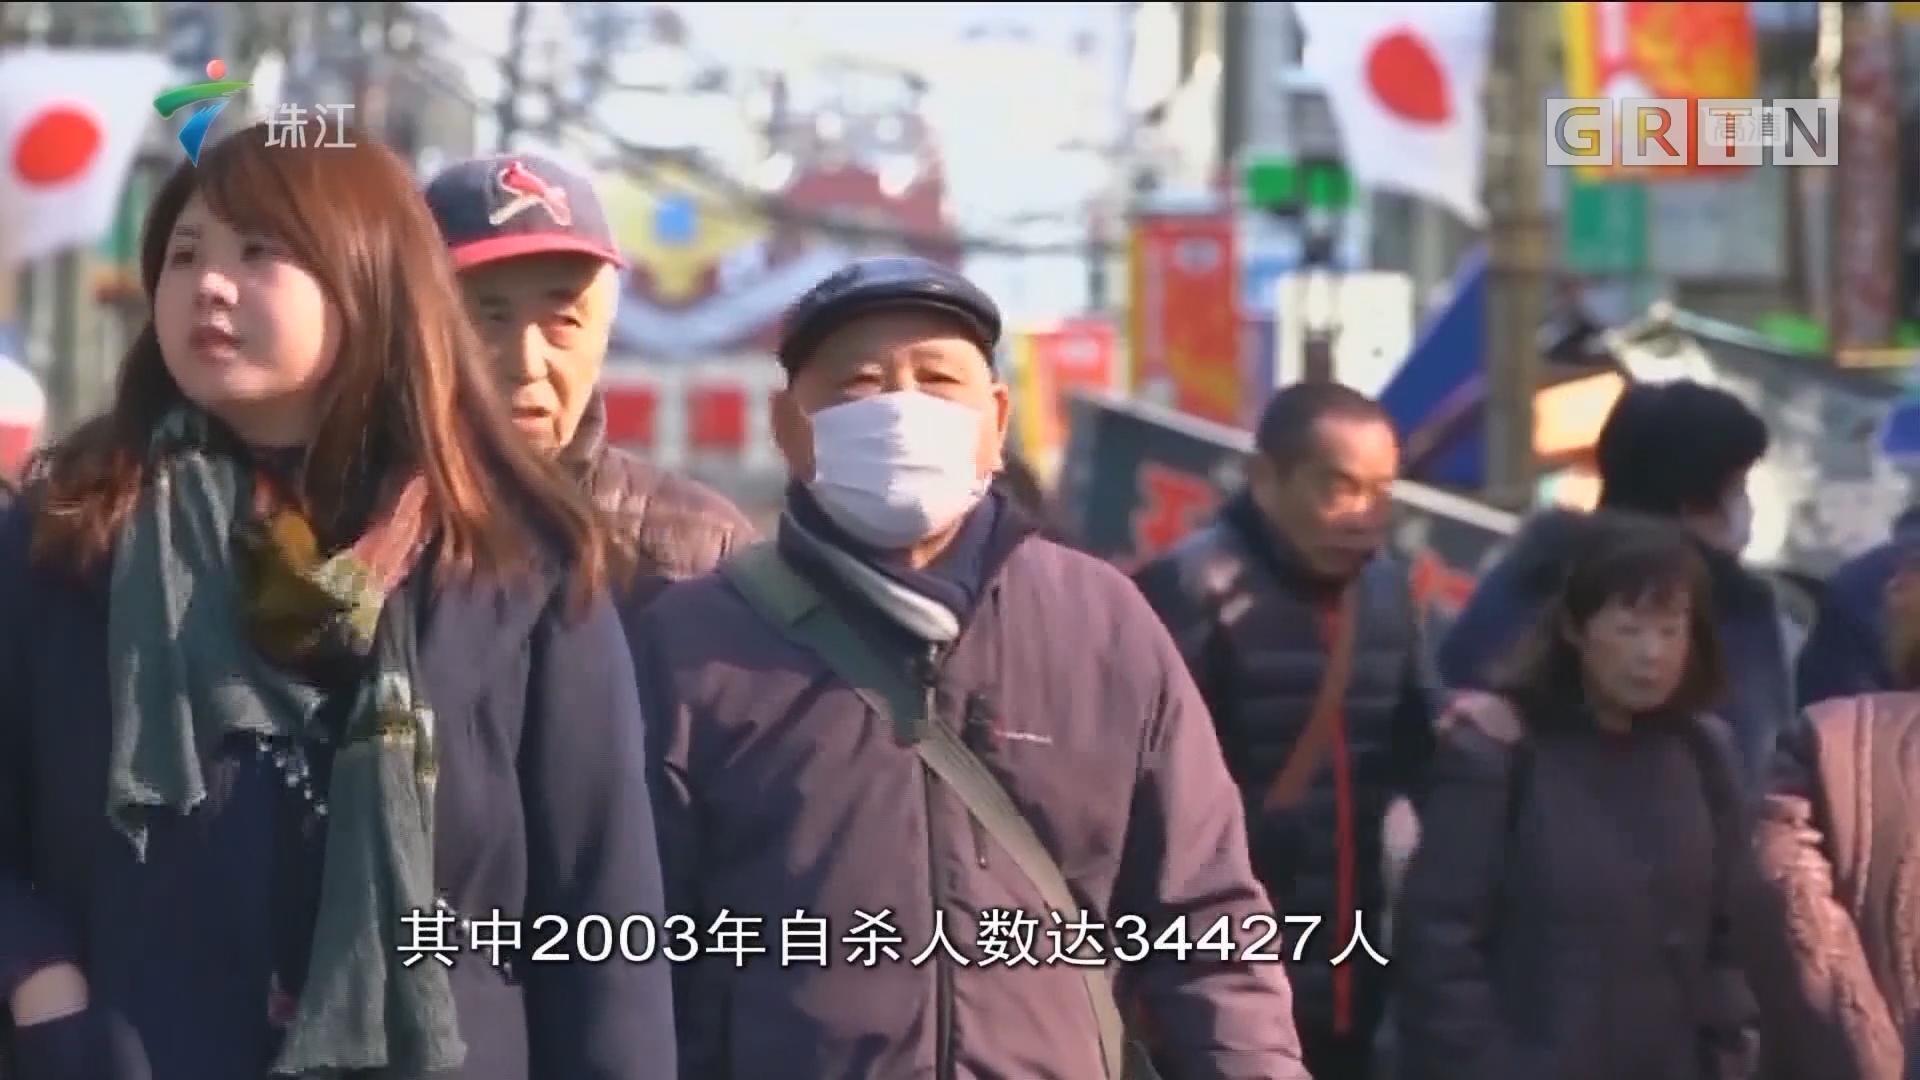 日本自杀人数至40年来新低